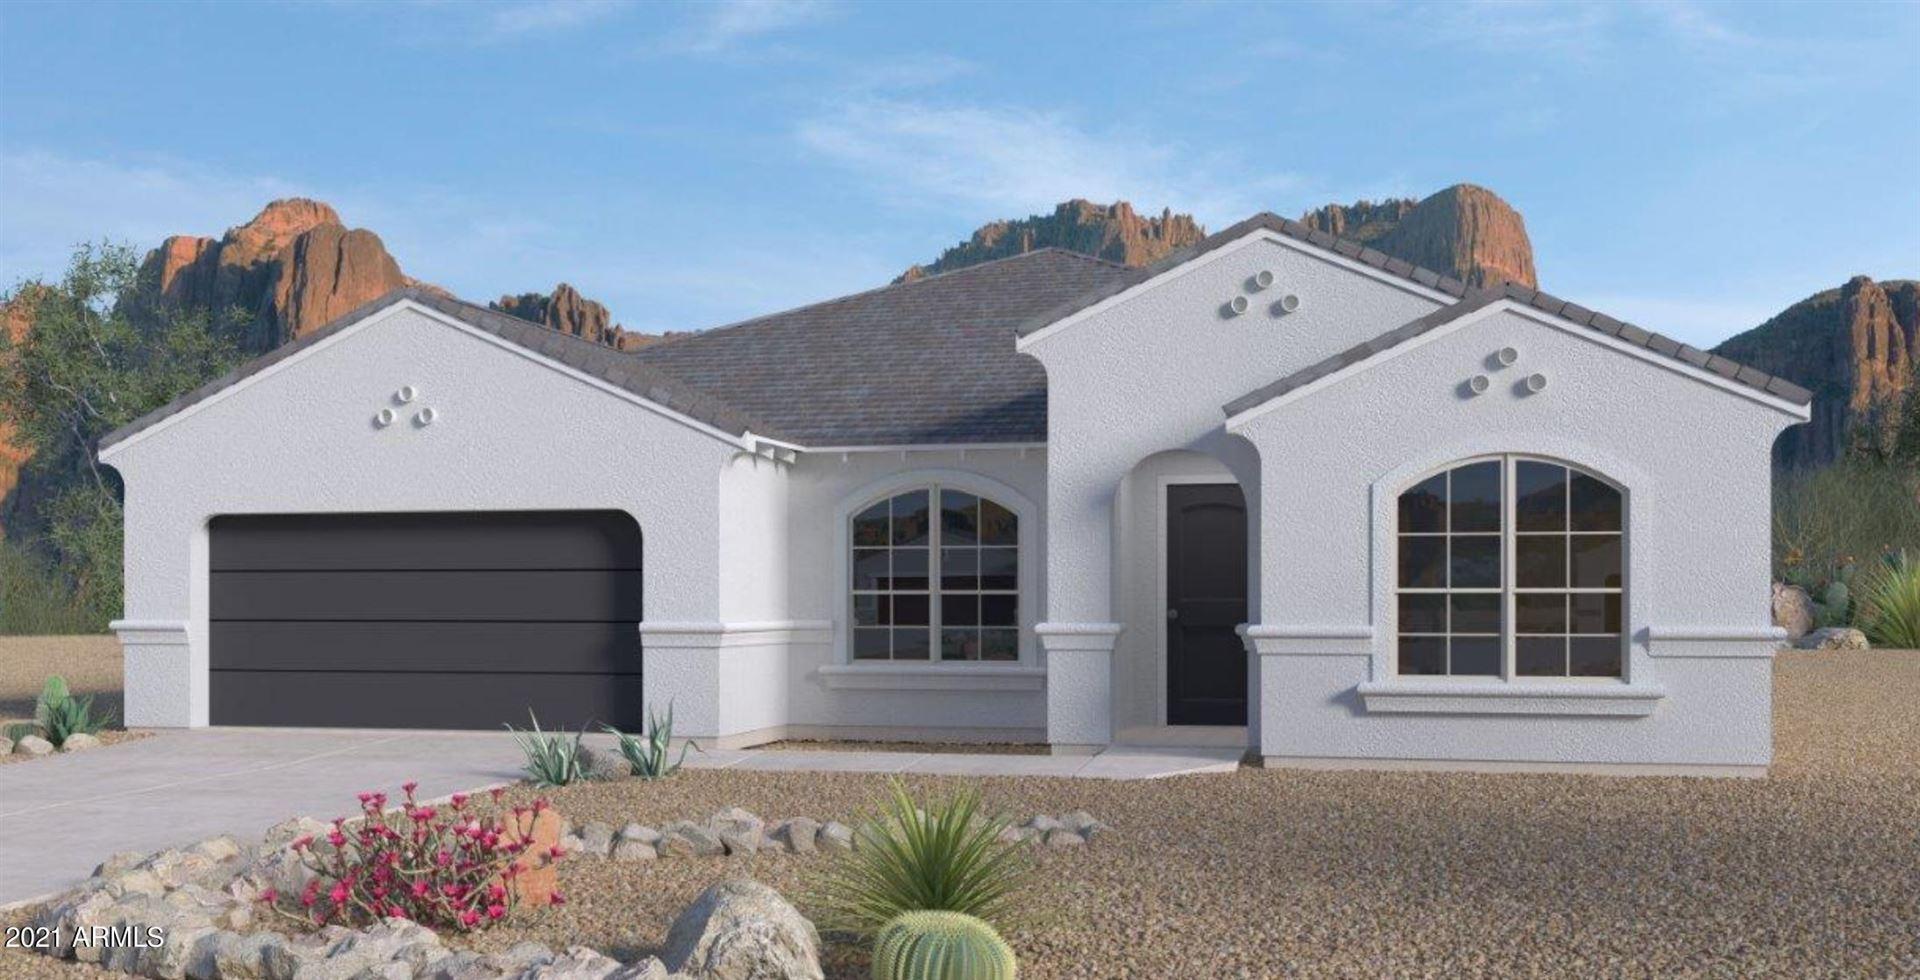 Photo for 44434 W PALO AMARILLO Road, Maricopa, AZ 85138 (MLS # 6230630)